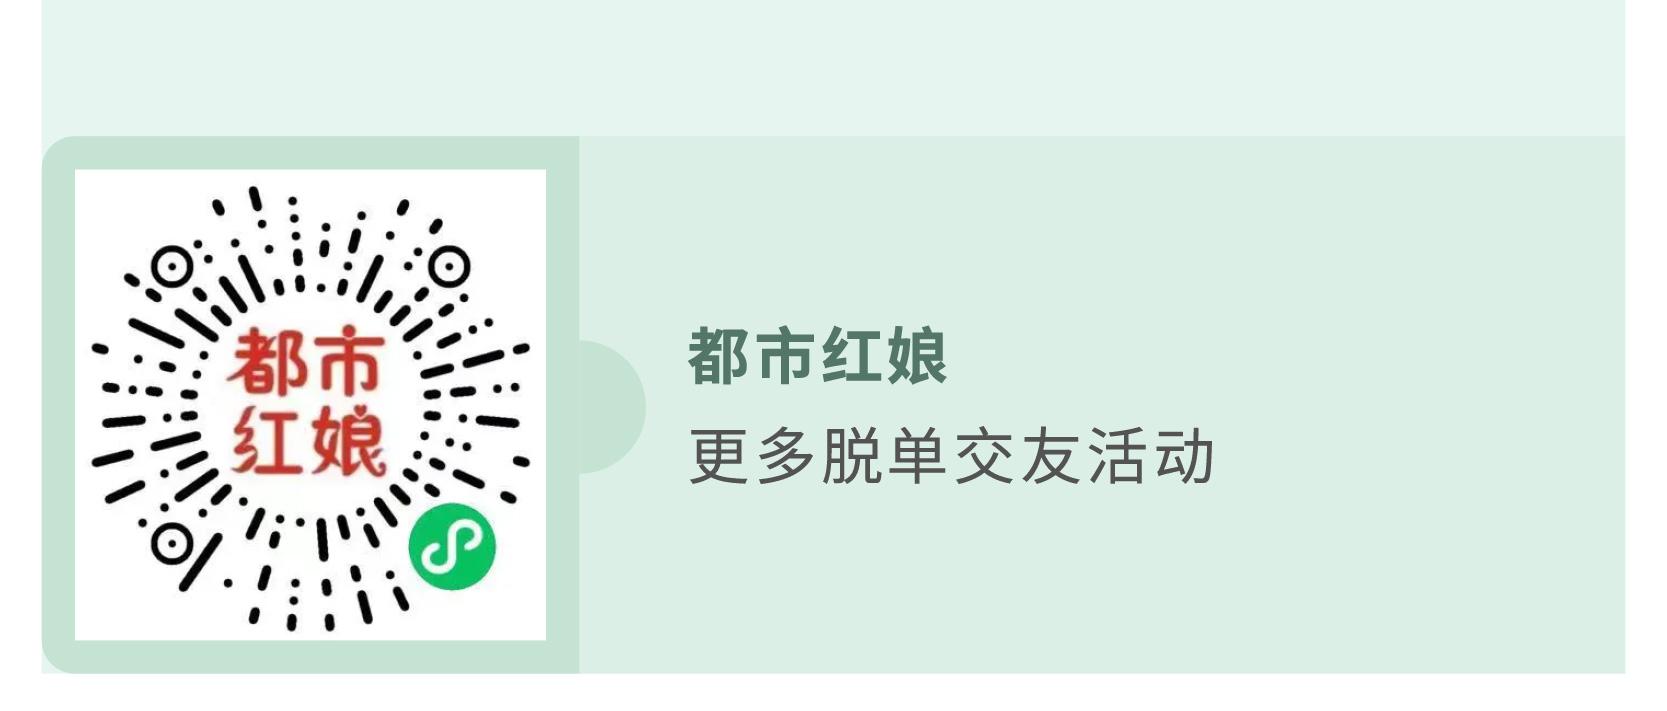 品茶活动推文_09.jpg